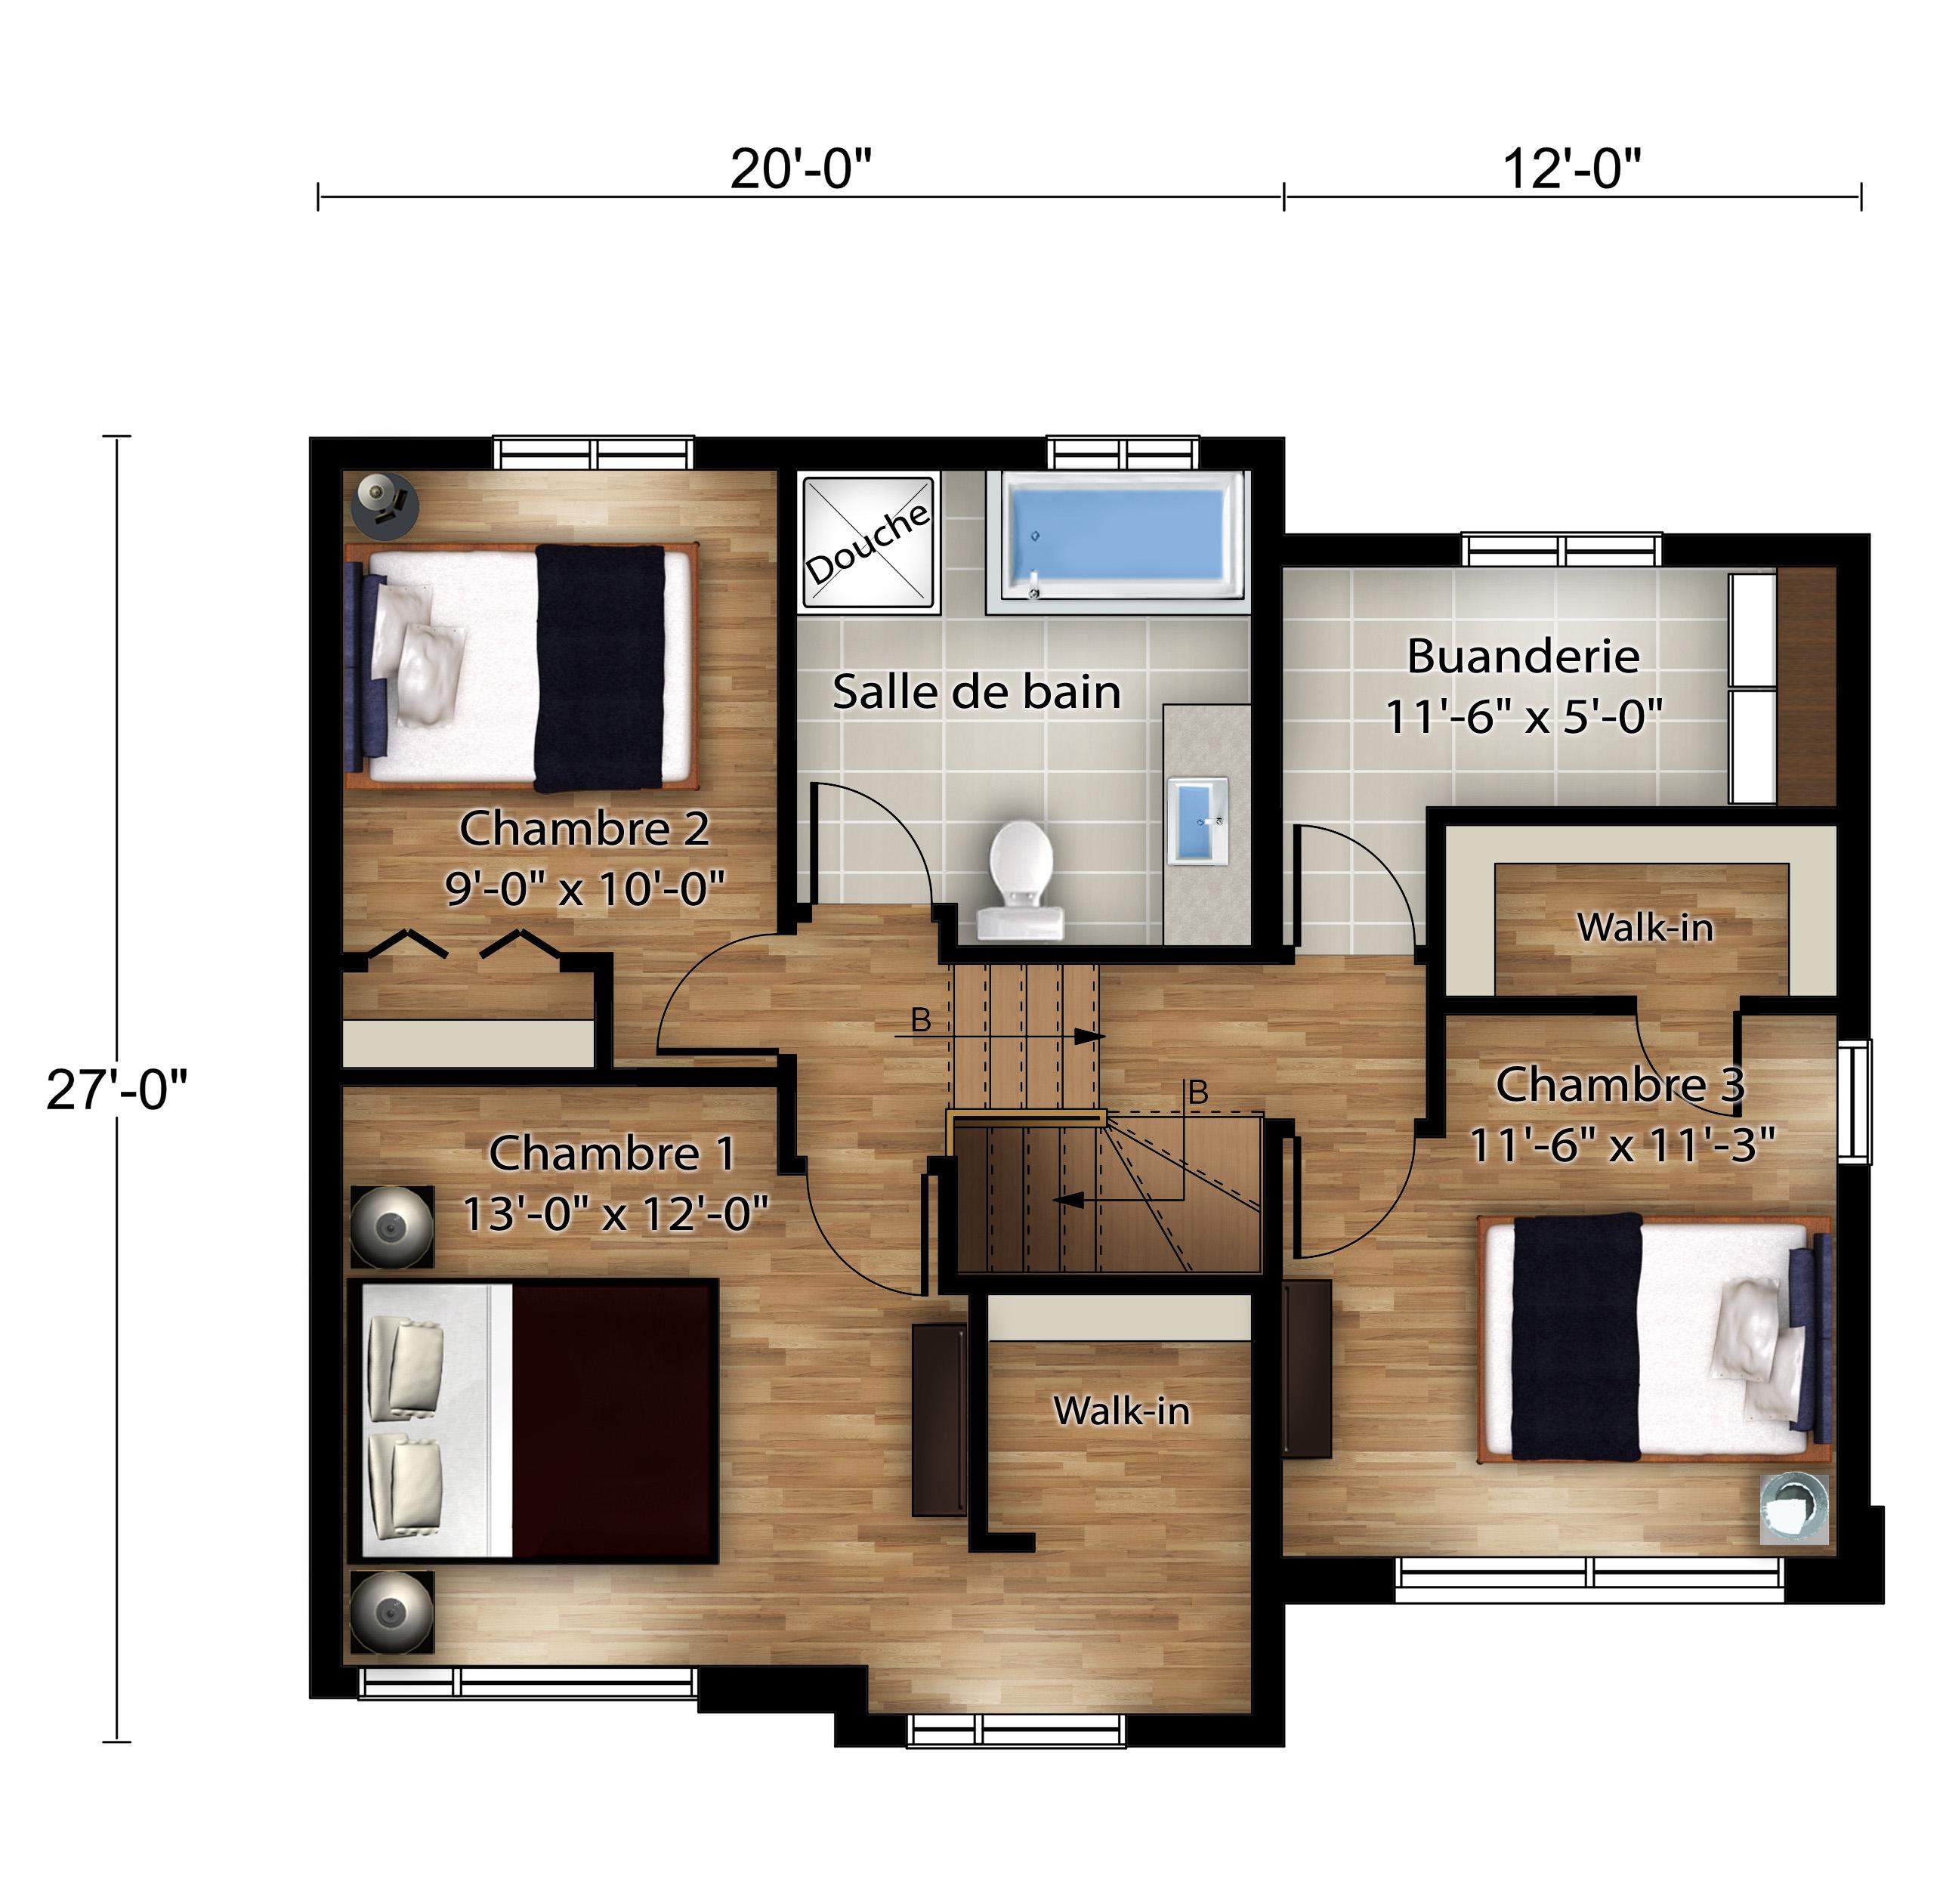 Nos plans - Nouvelles maisons neuves - Construction Rheault - Laurentides